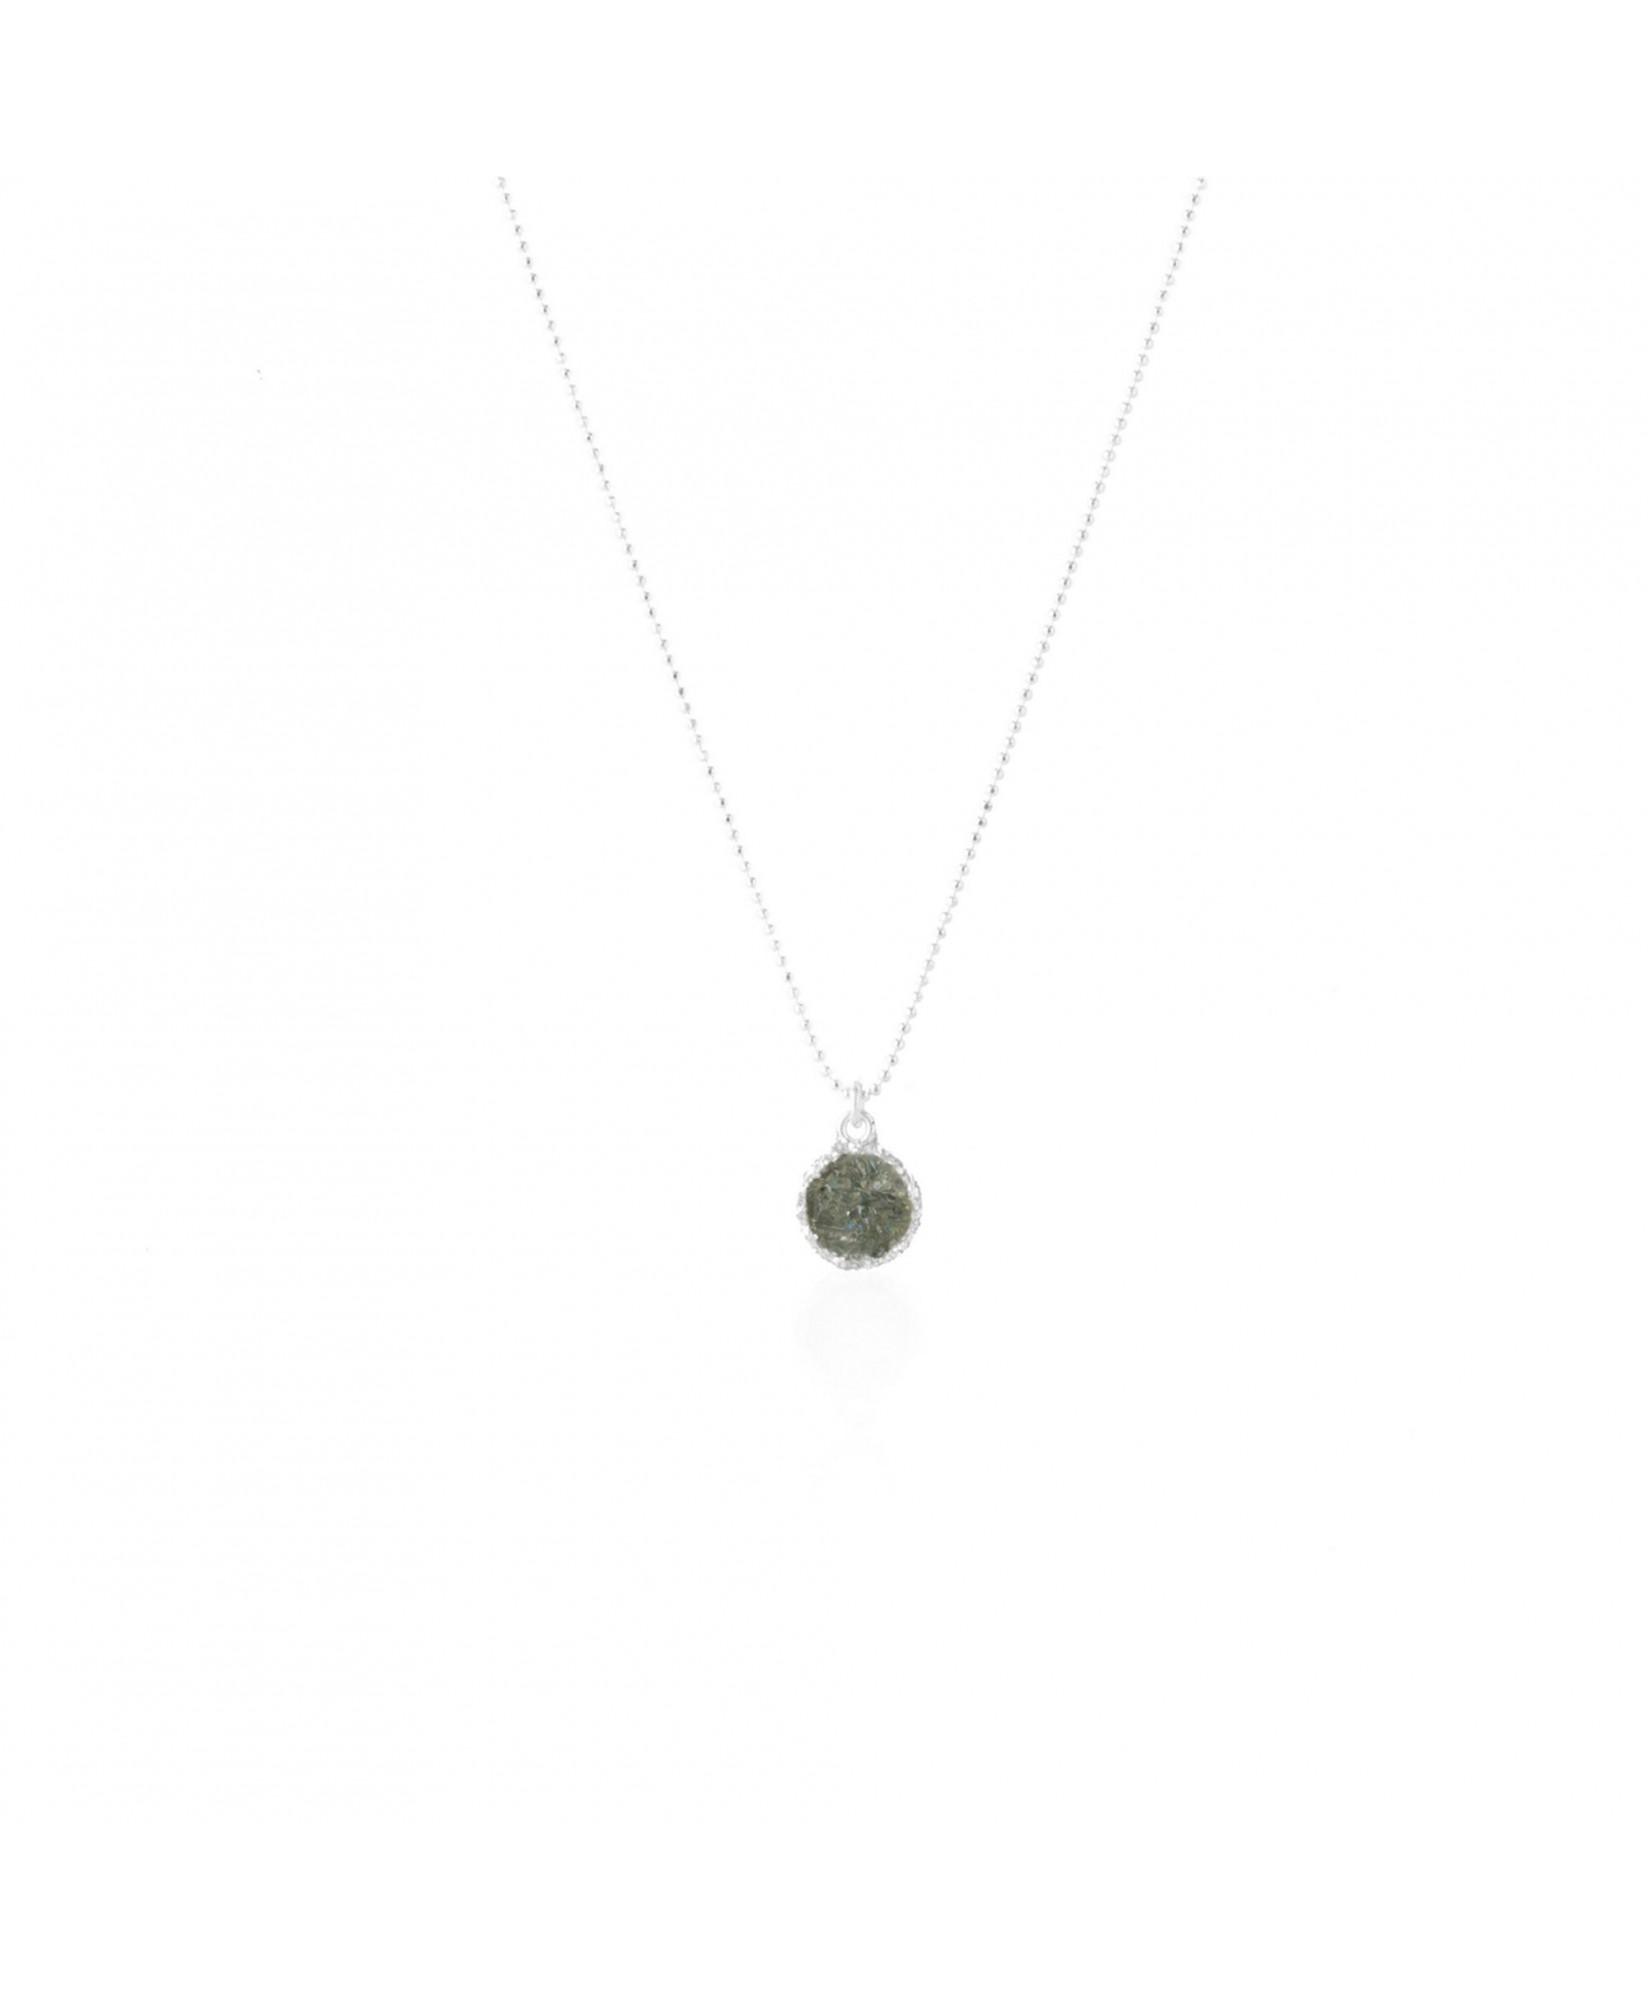 Gargantilla en plata Shadow con colgante redondo y nácar gris Gargantilla en plata Shadow con colgante redondo y nácar gris